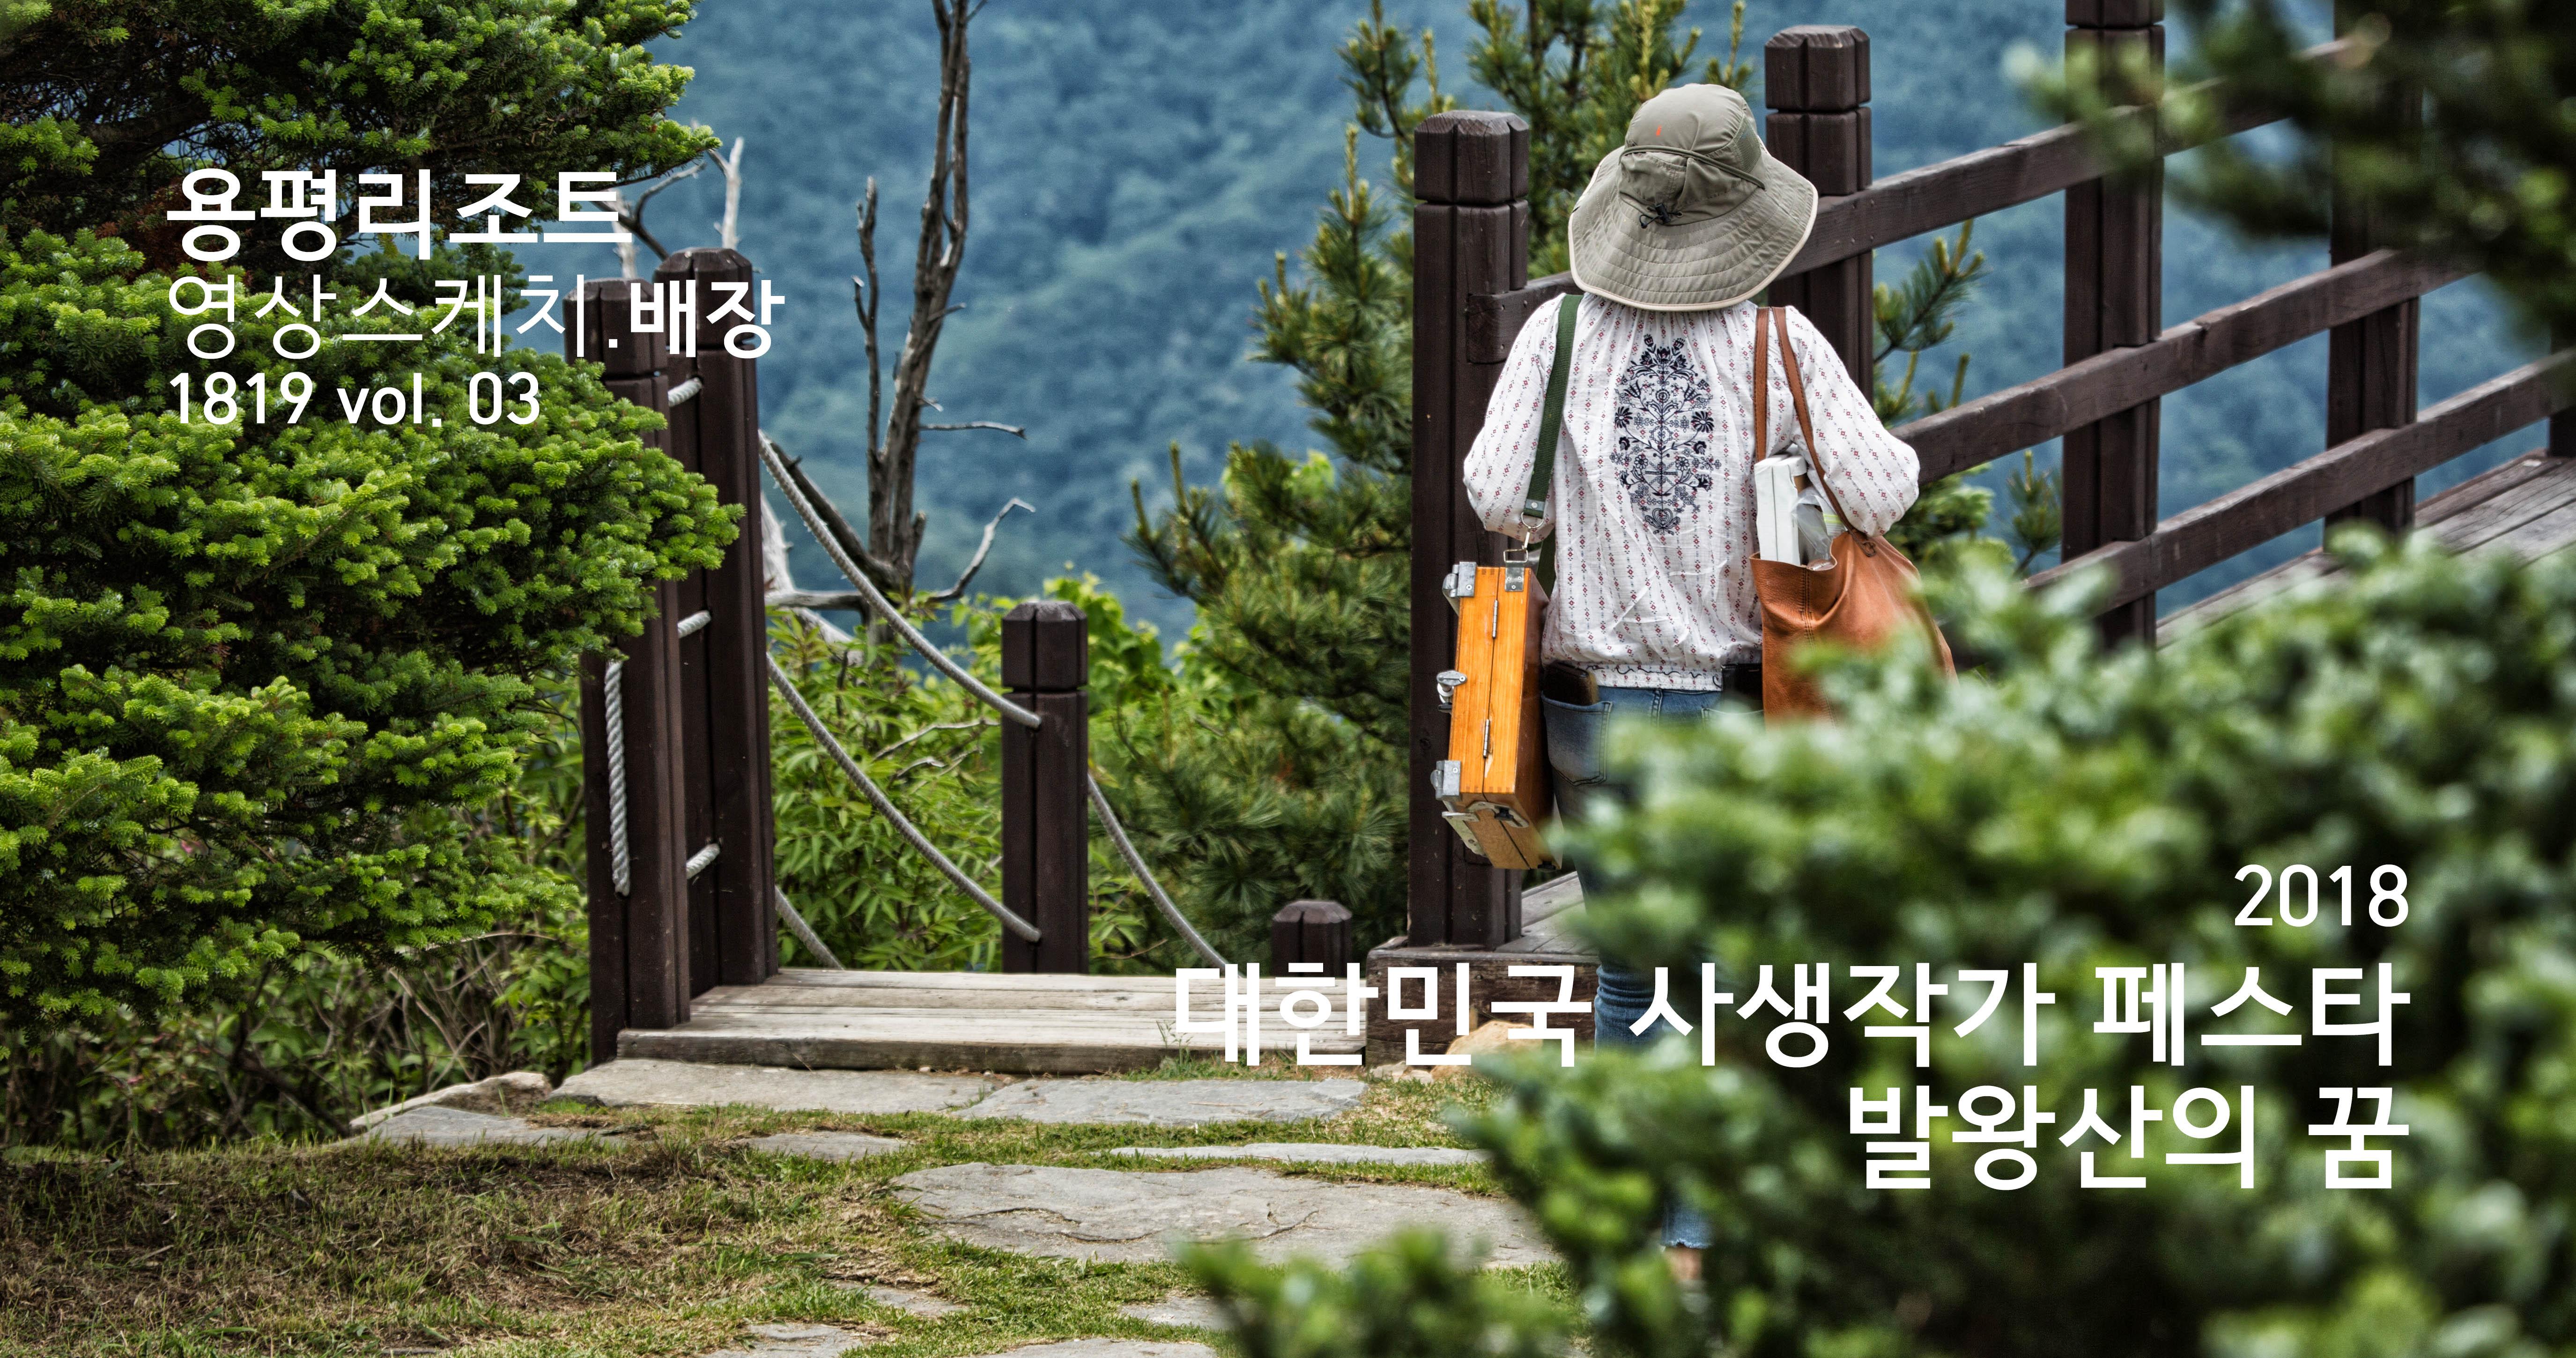 2018 대한민국 사생작가 페스타 발왕산의 꿈 _ 용평 영상스케치.배장 1819 vol.04